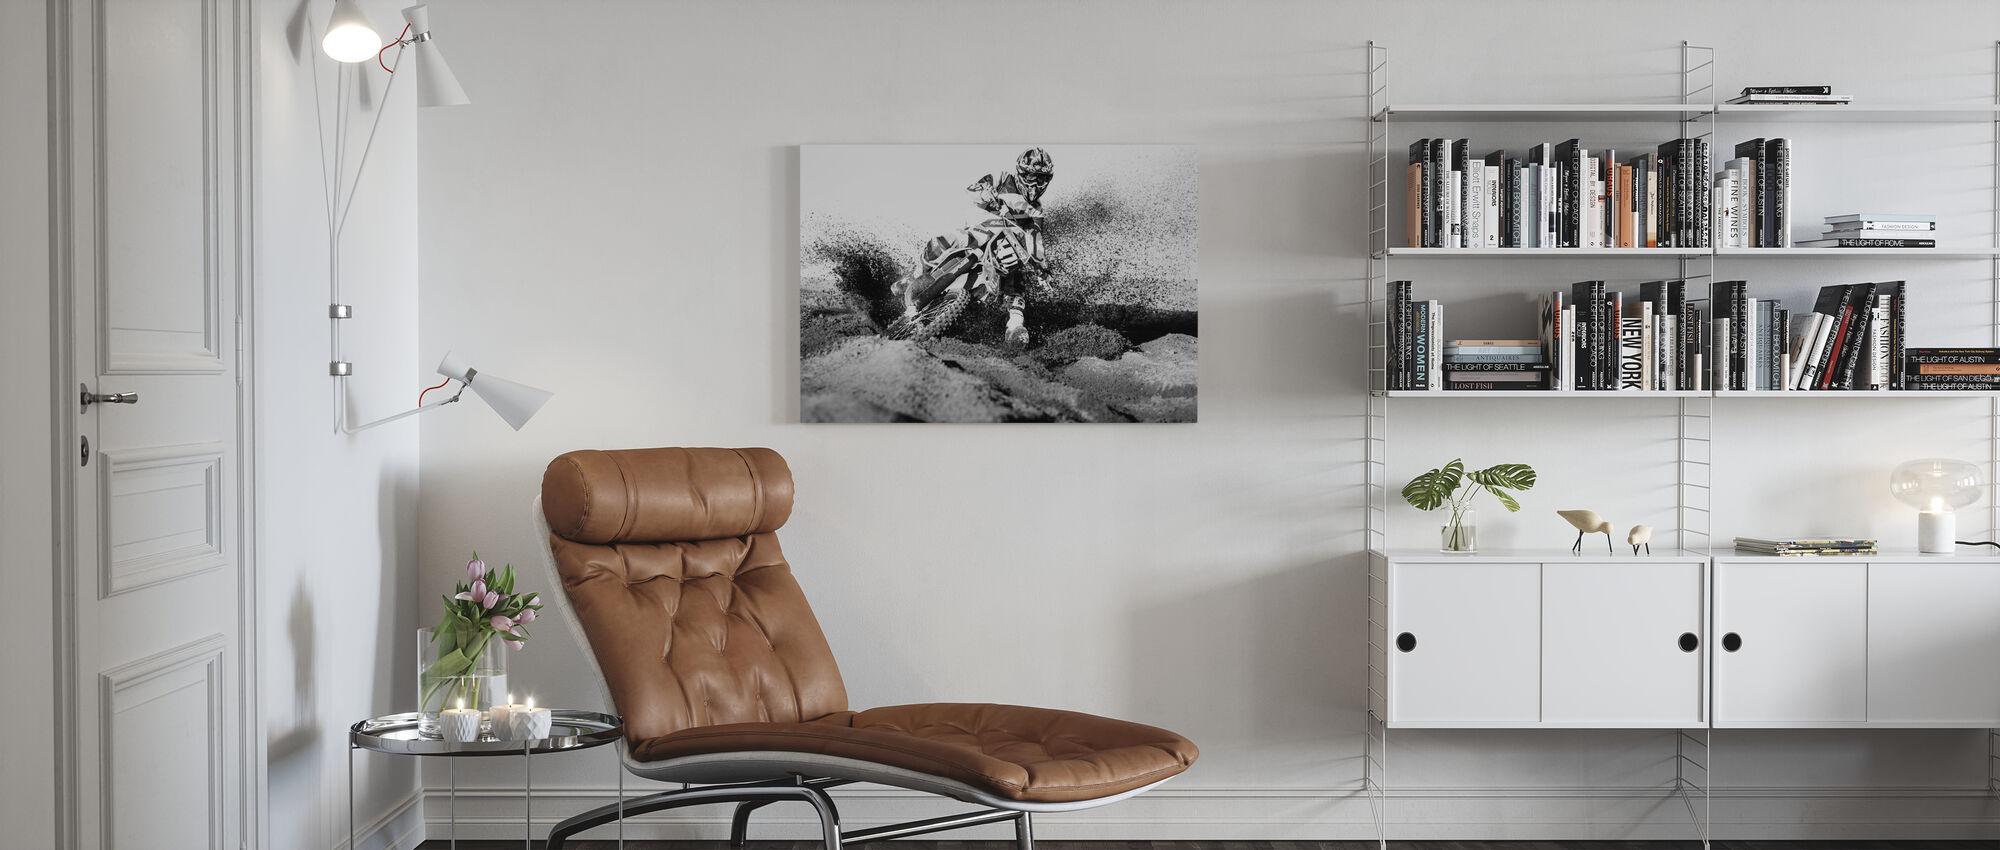 Krisztian Tompa - Canvas print - Living Room